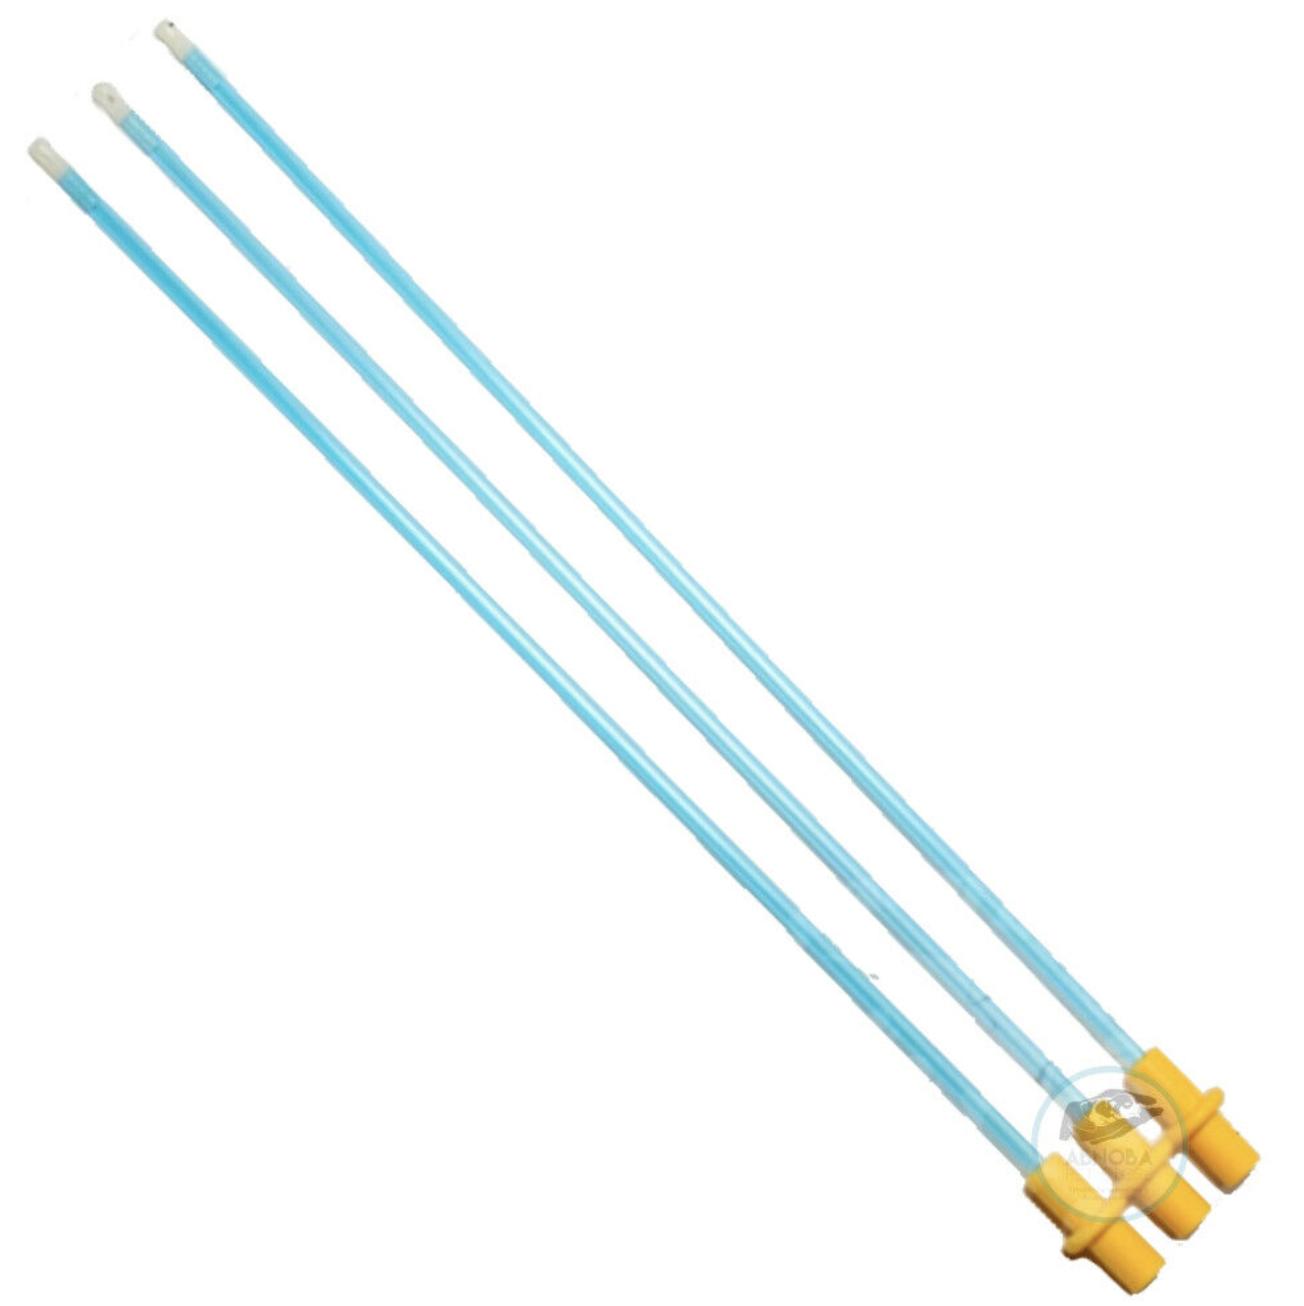 Alpha Blue - Plastic Tip